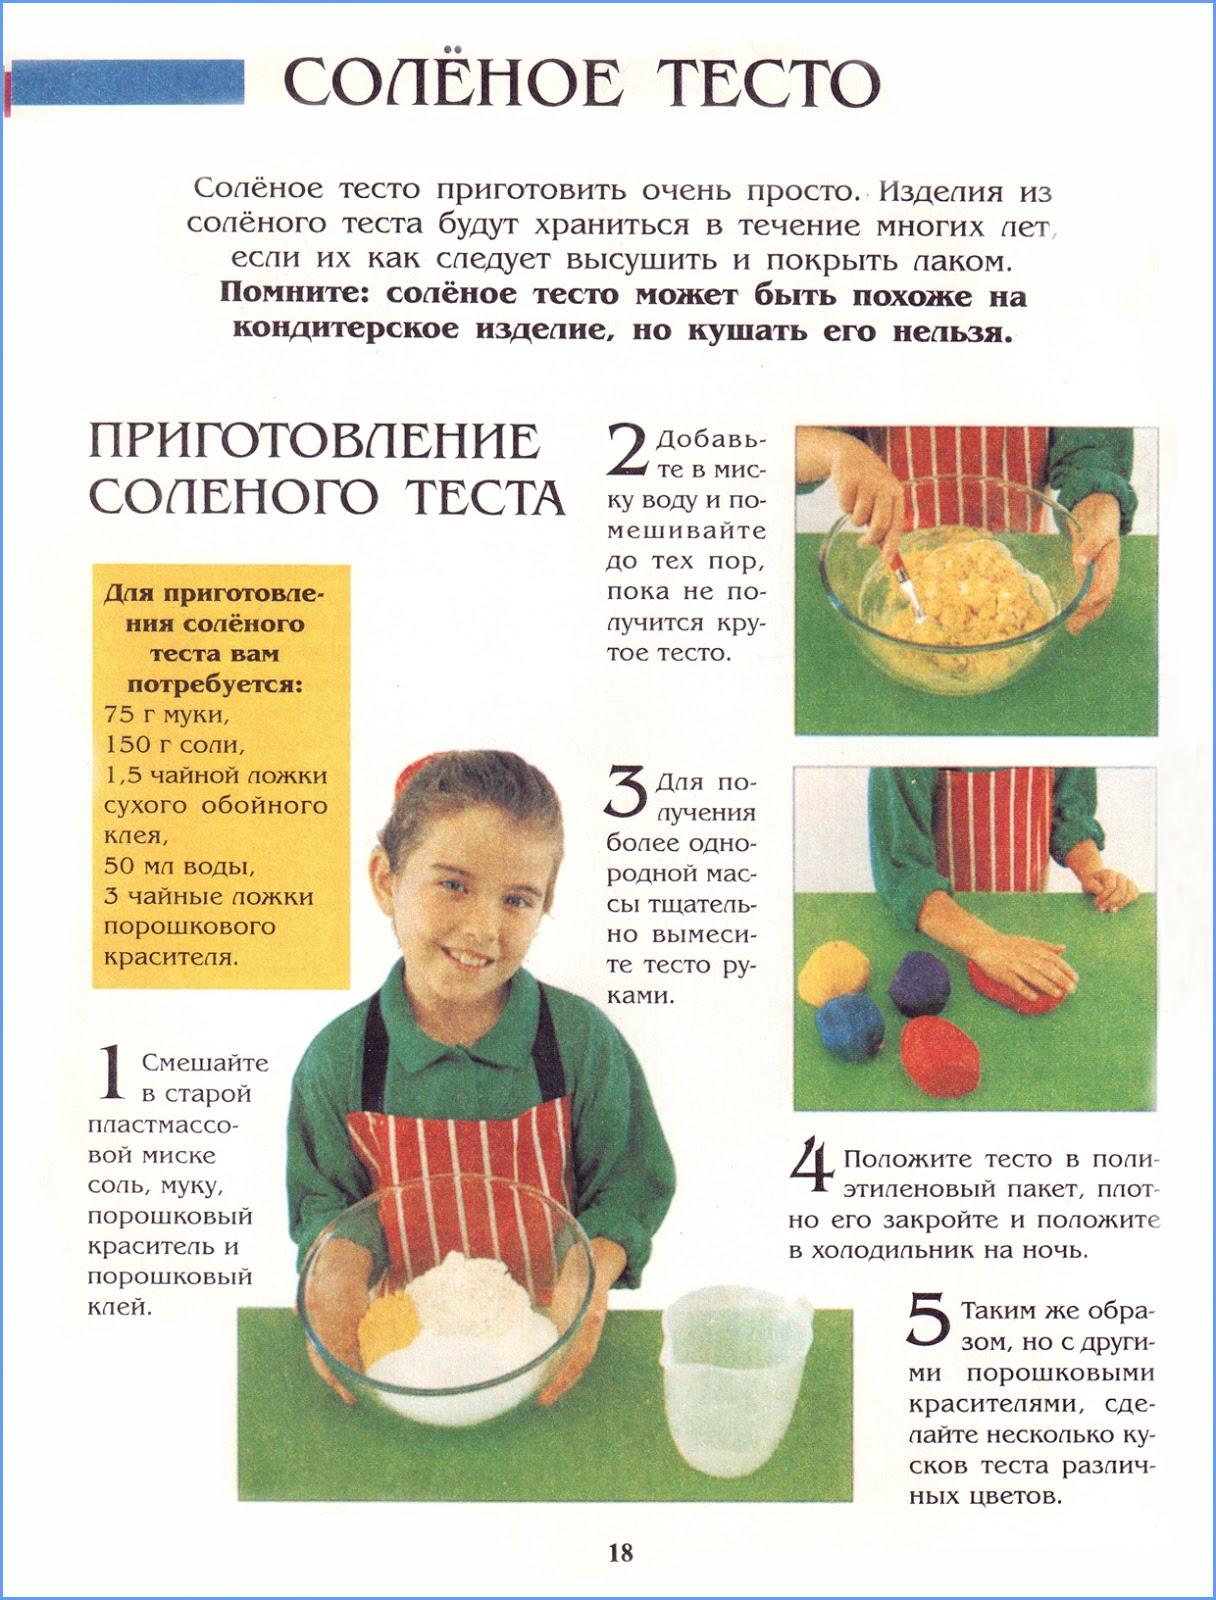 Рецепт самого простого соленого теста